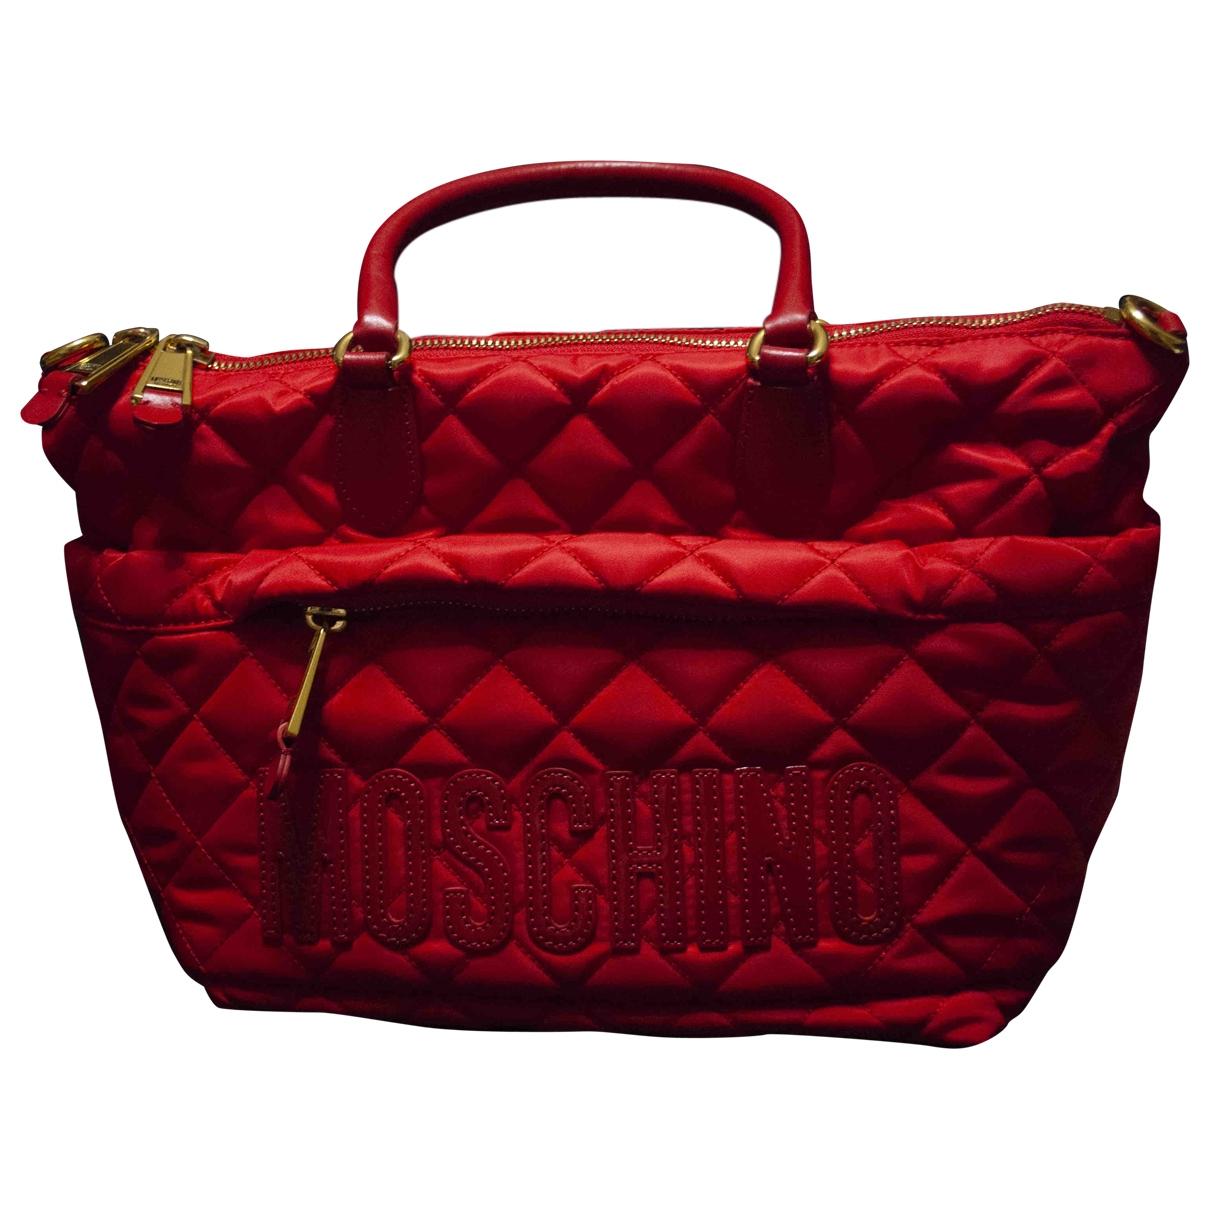 Moschino \N Handtasche in  Rot Leinen